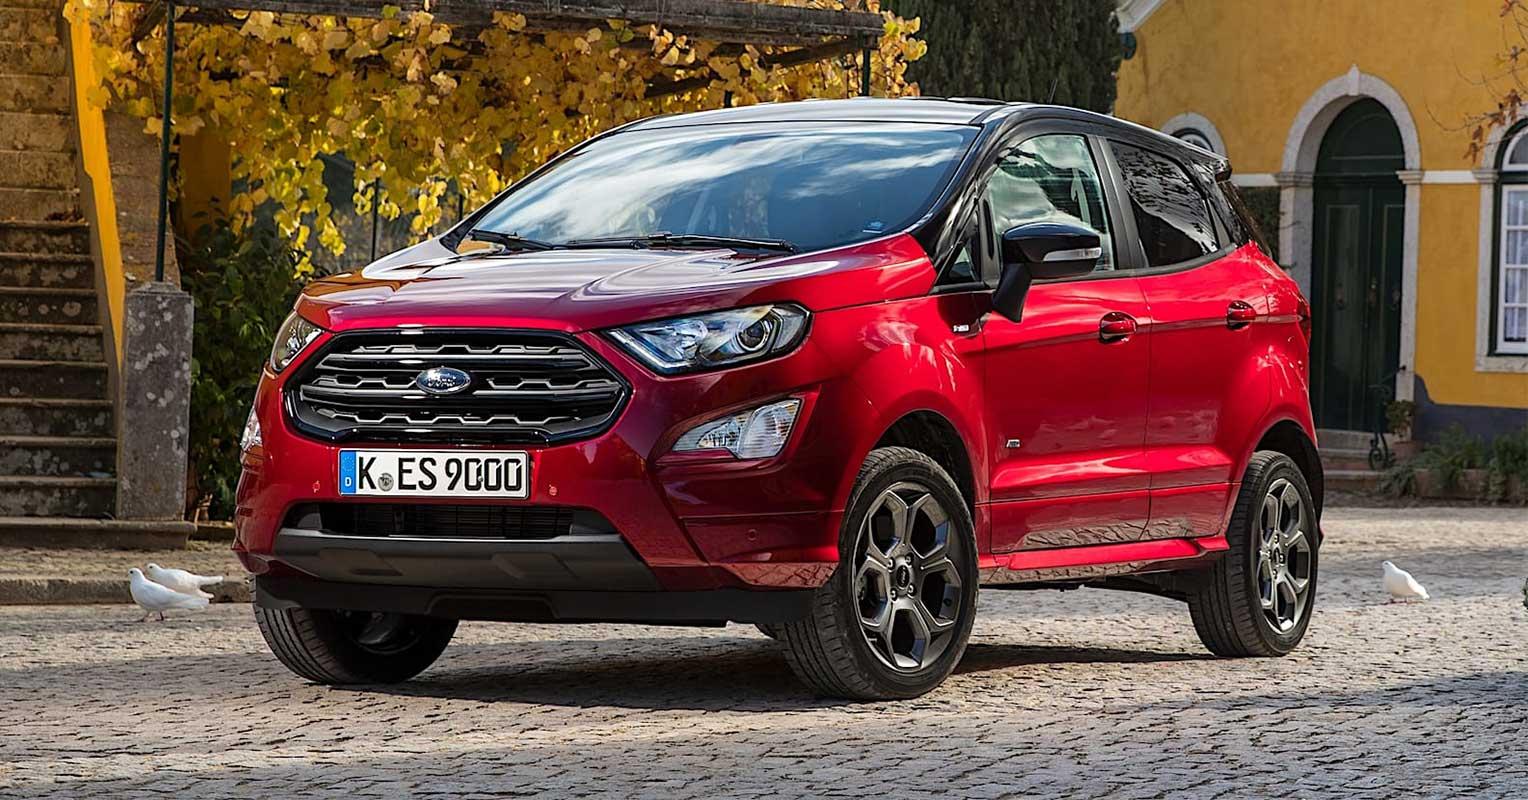 Interior Maletero Y Medidas Del Ford Ecosport 2018